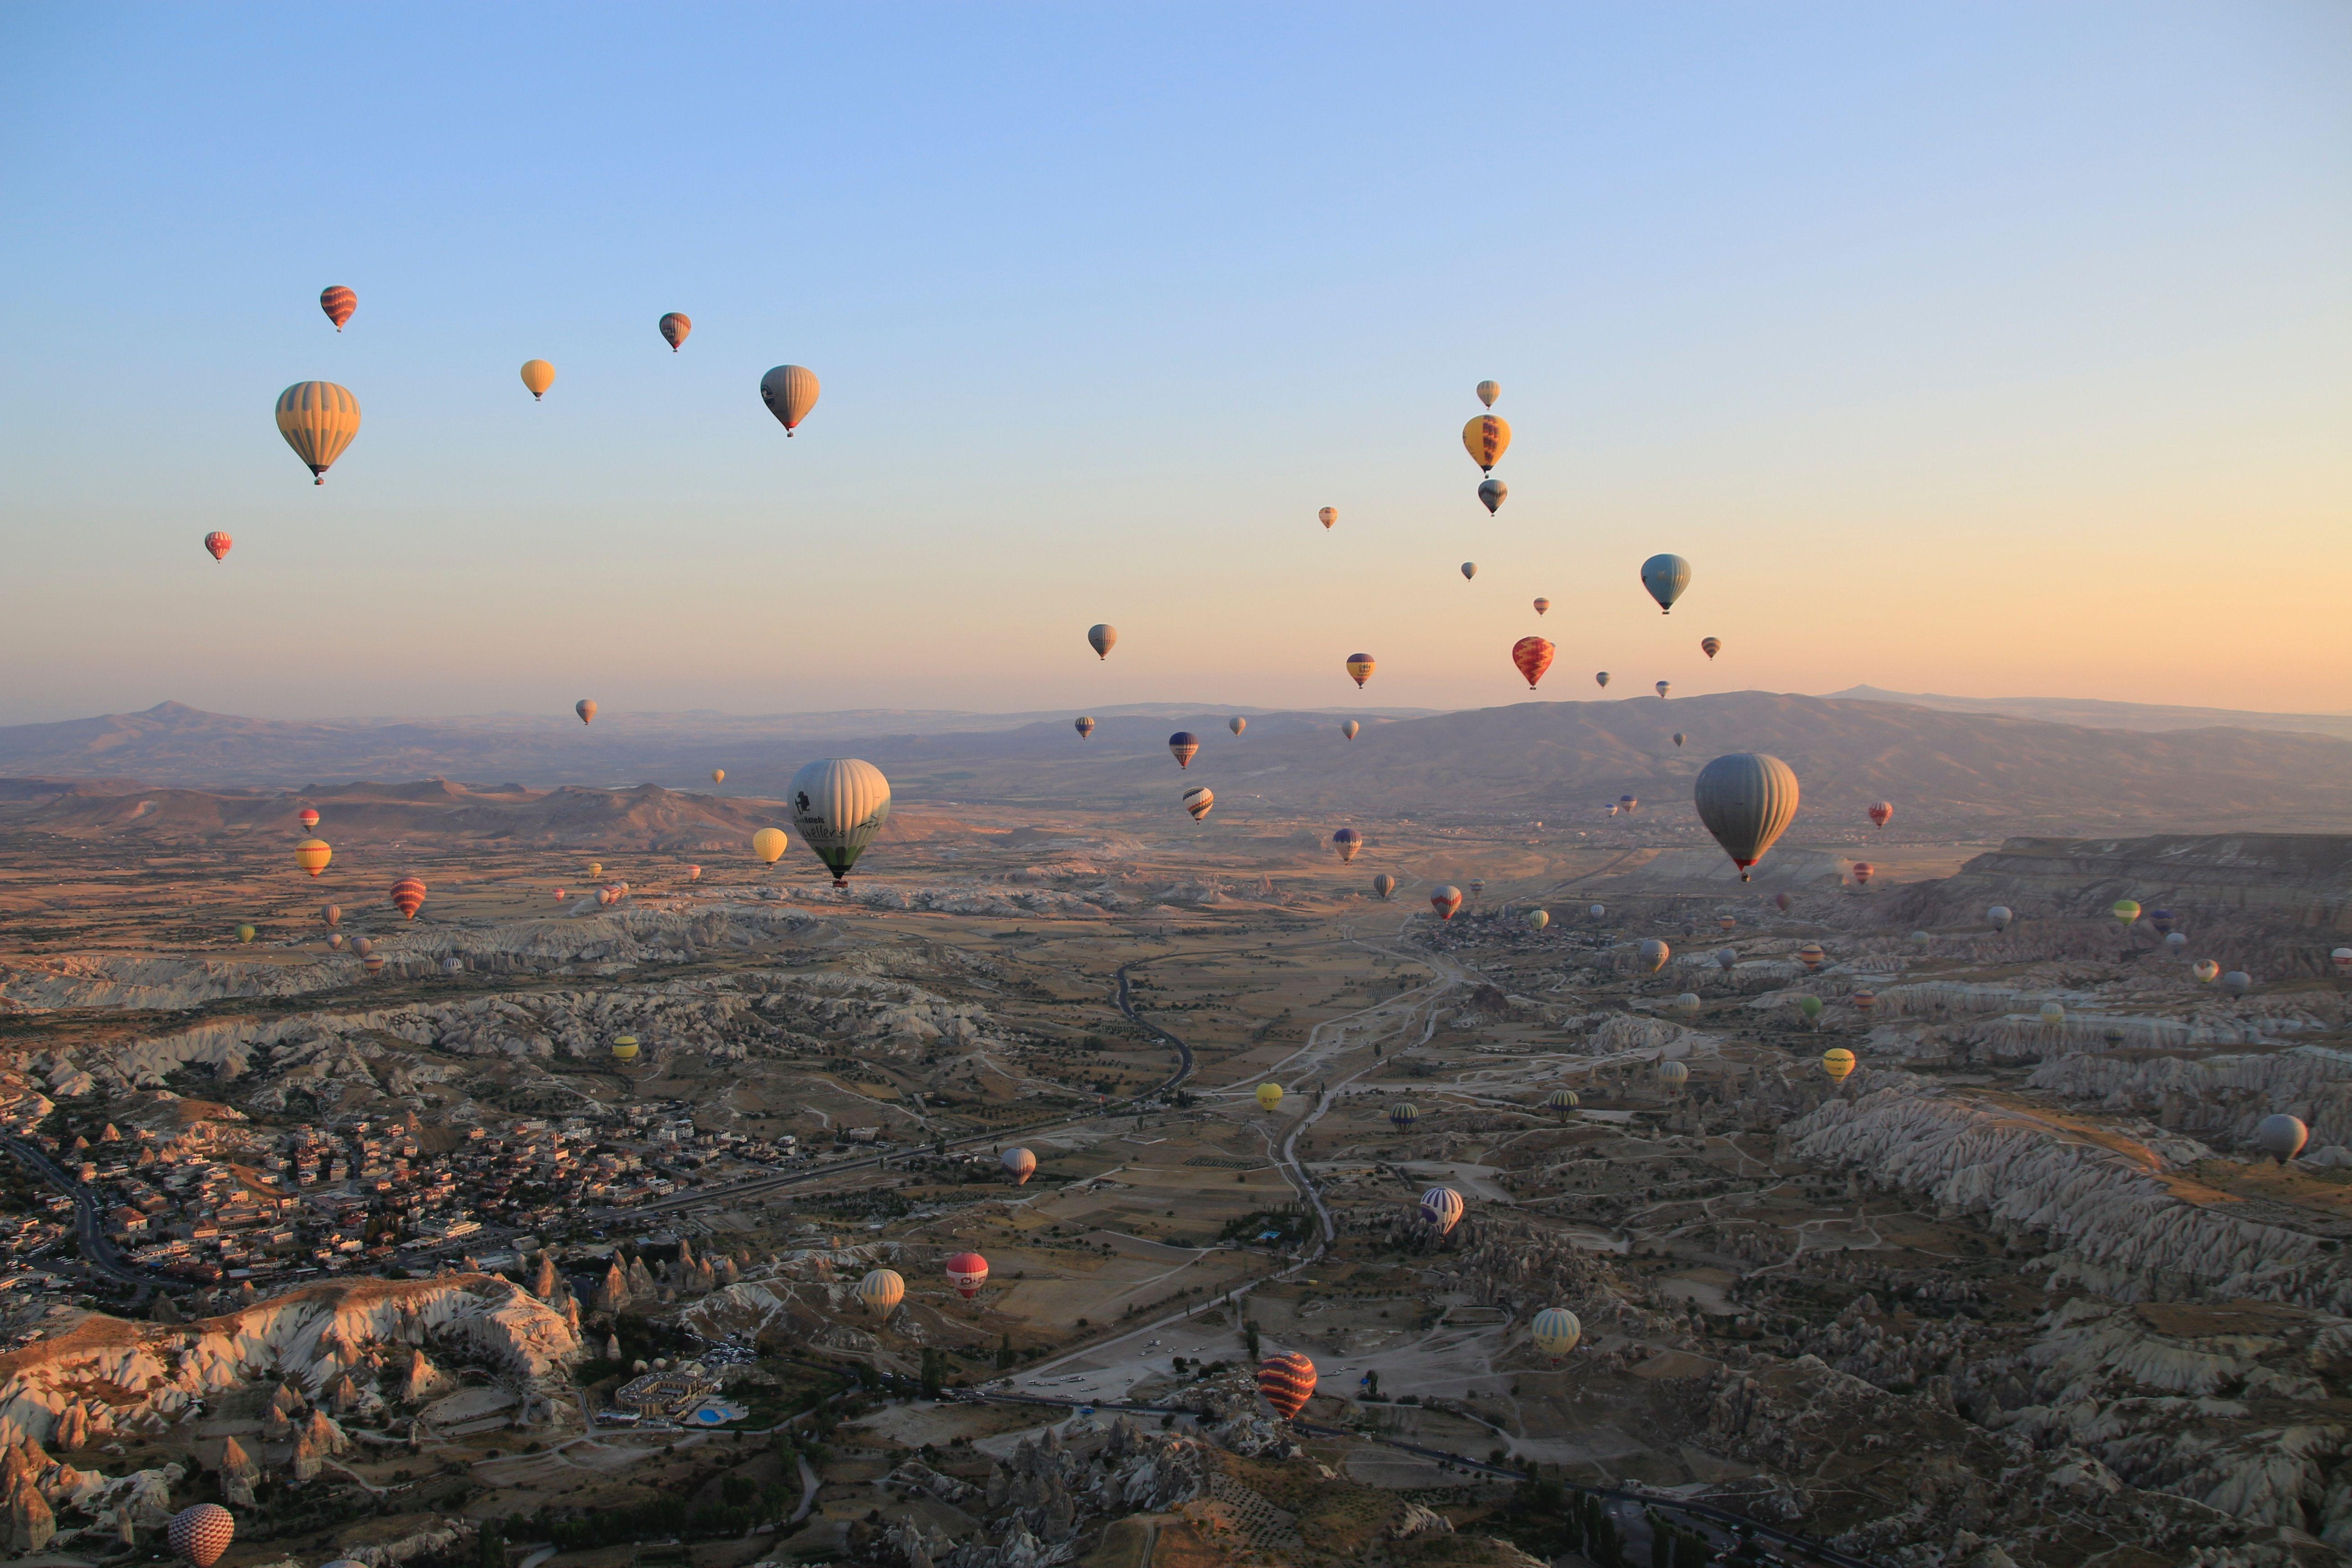 Paisaje maravilloso - Capadocia en Turquía